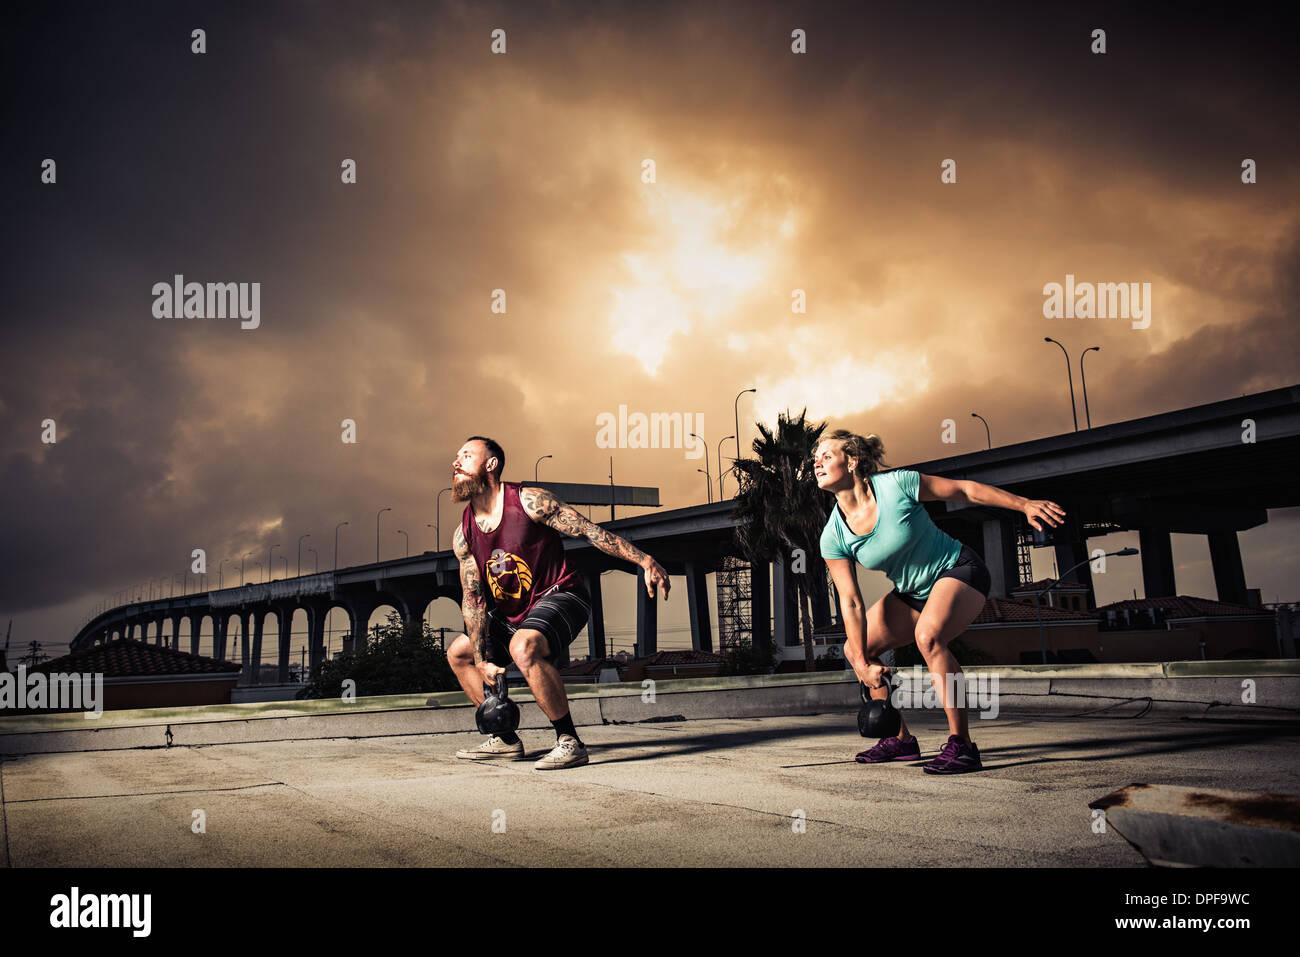 Uomo e donna allenamento con kettlebells palestra sul tetto Immagini Stock